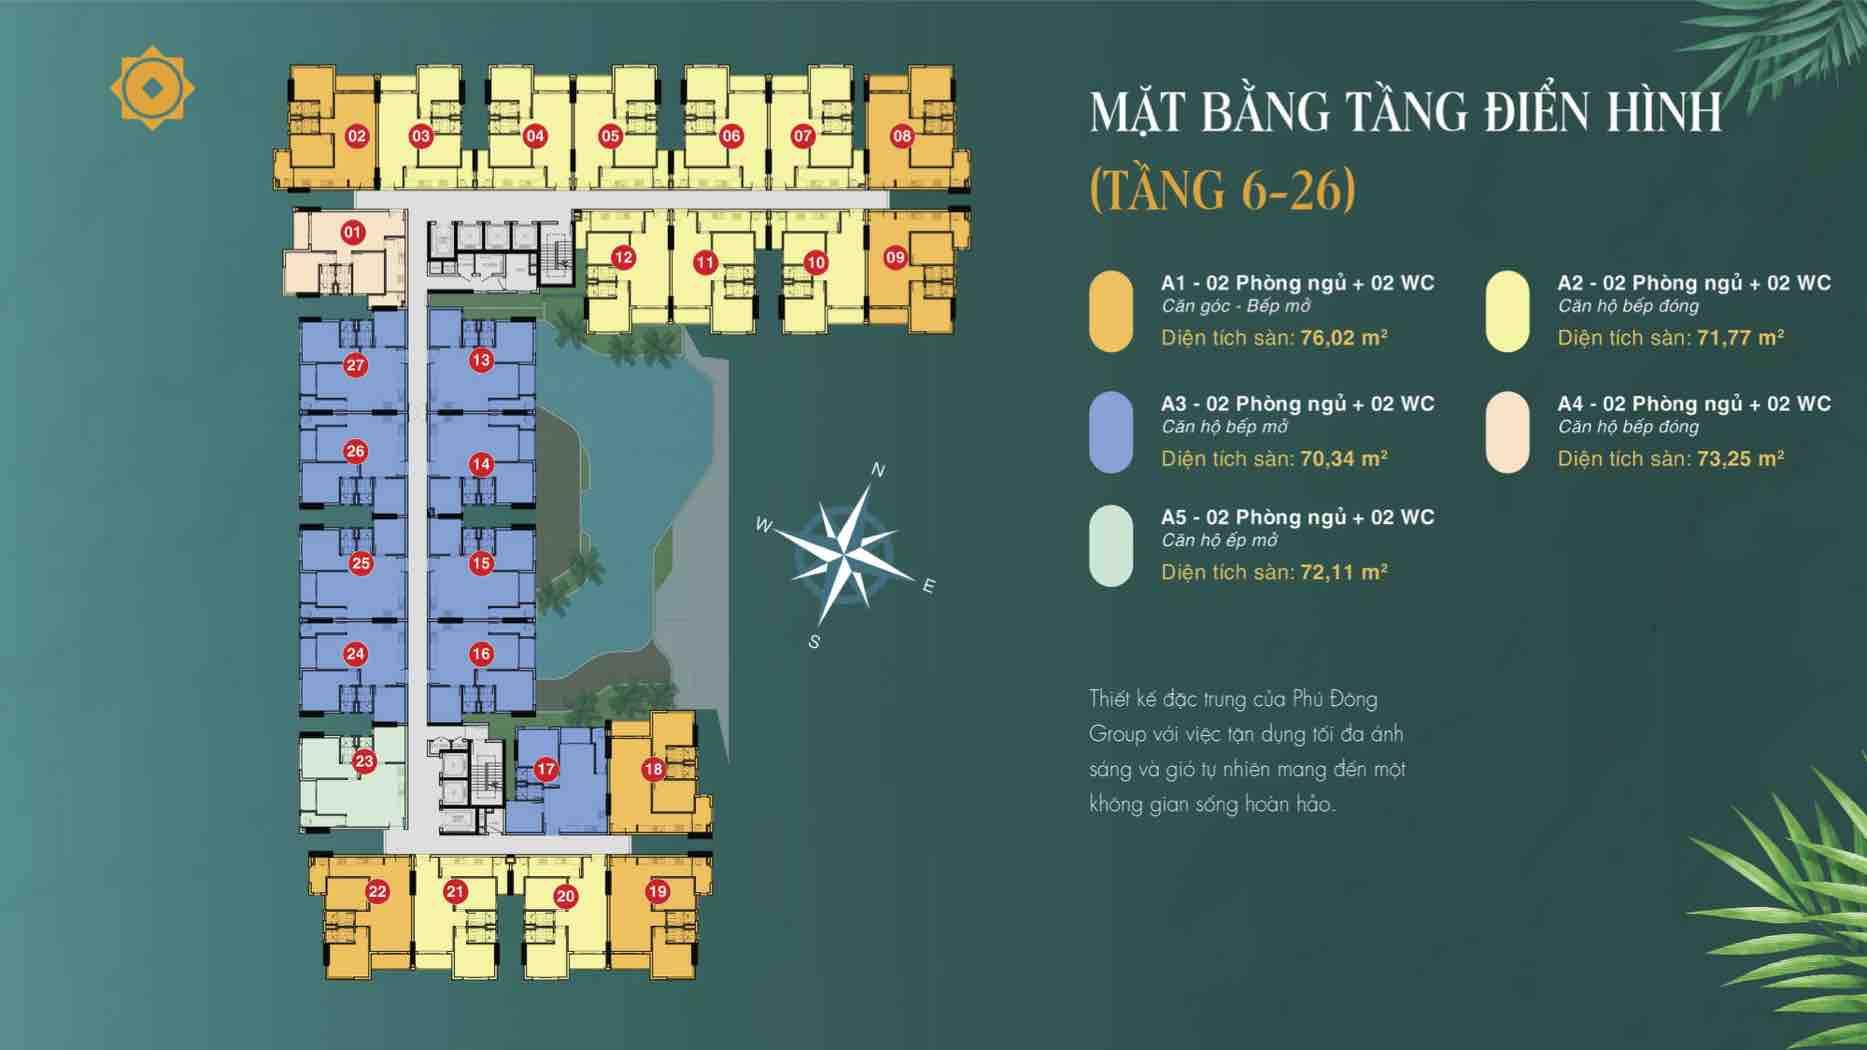 Mặt bằng căn hộ Phú Đông 3